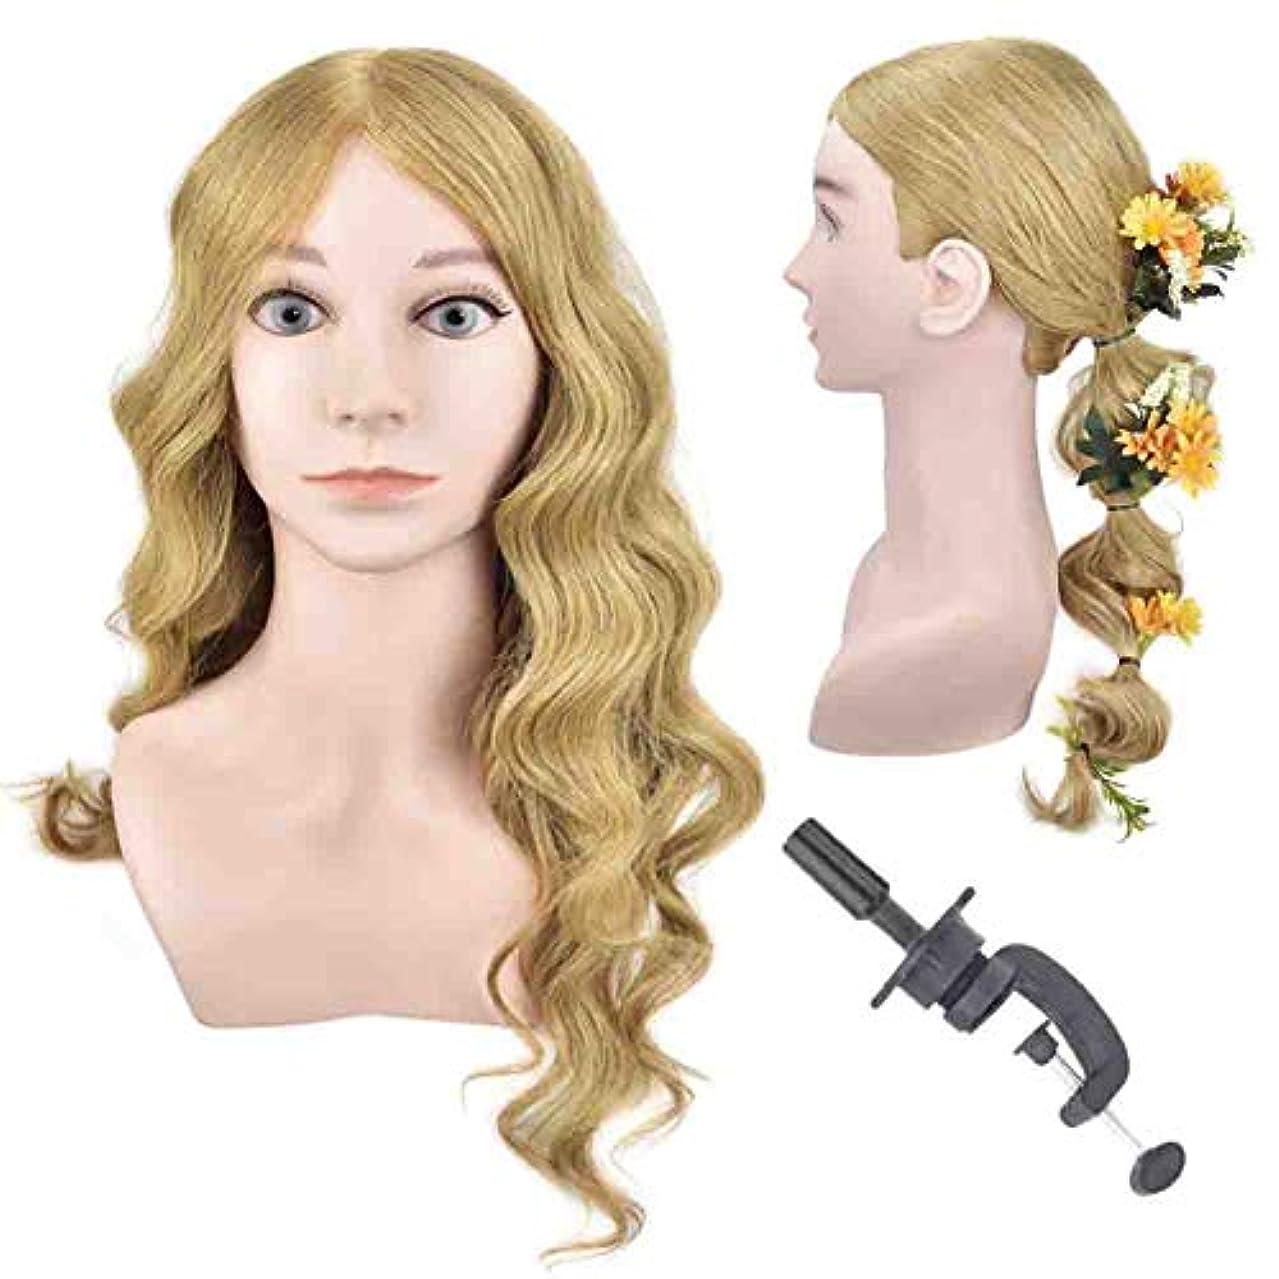 引用かる緑編んだ髪のヘッドモデル本物の人間の髪のスタイルの学習モデルヘッドサロンの学習は熱いと染めた髪のダミーの頭にすることができます